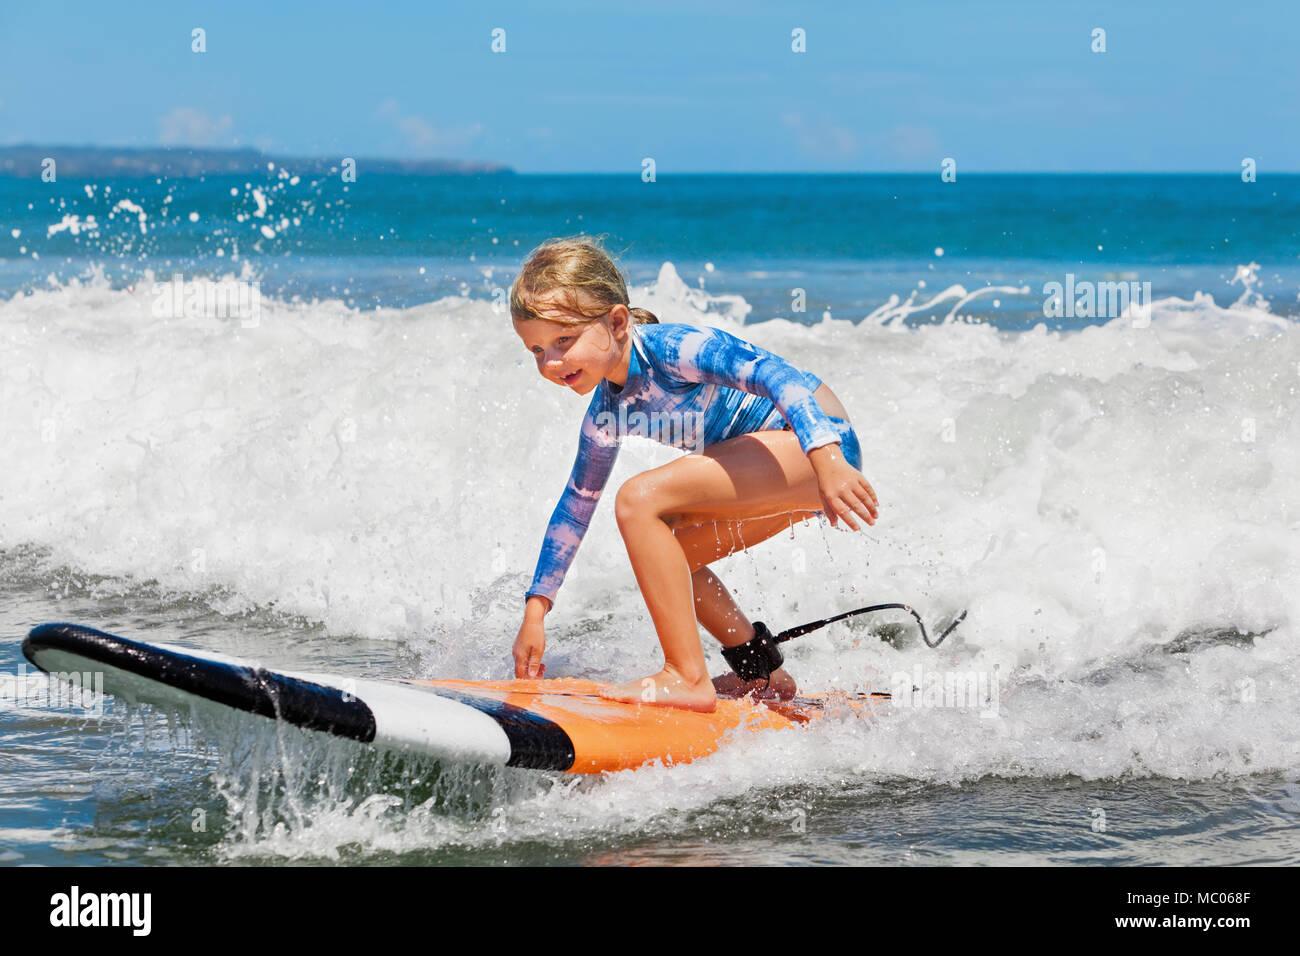 Happy Baby girl - giovani surfer corsa sulla tavola da surf con divertimento sulle onde del mare attivo lo stile di vita della famiglia, bambini outdoor acqua lezioni di sport e attività in spiaggia Immagini Stock